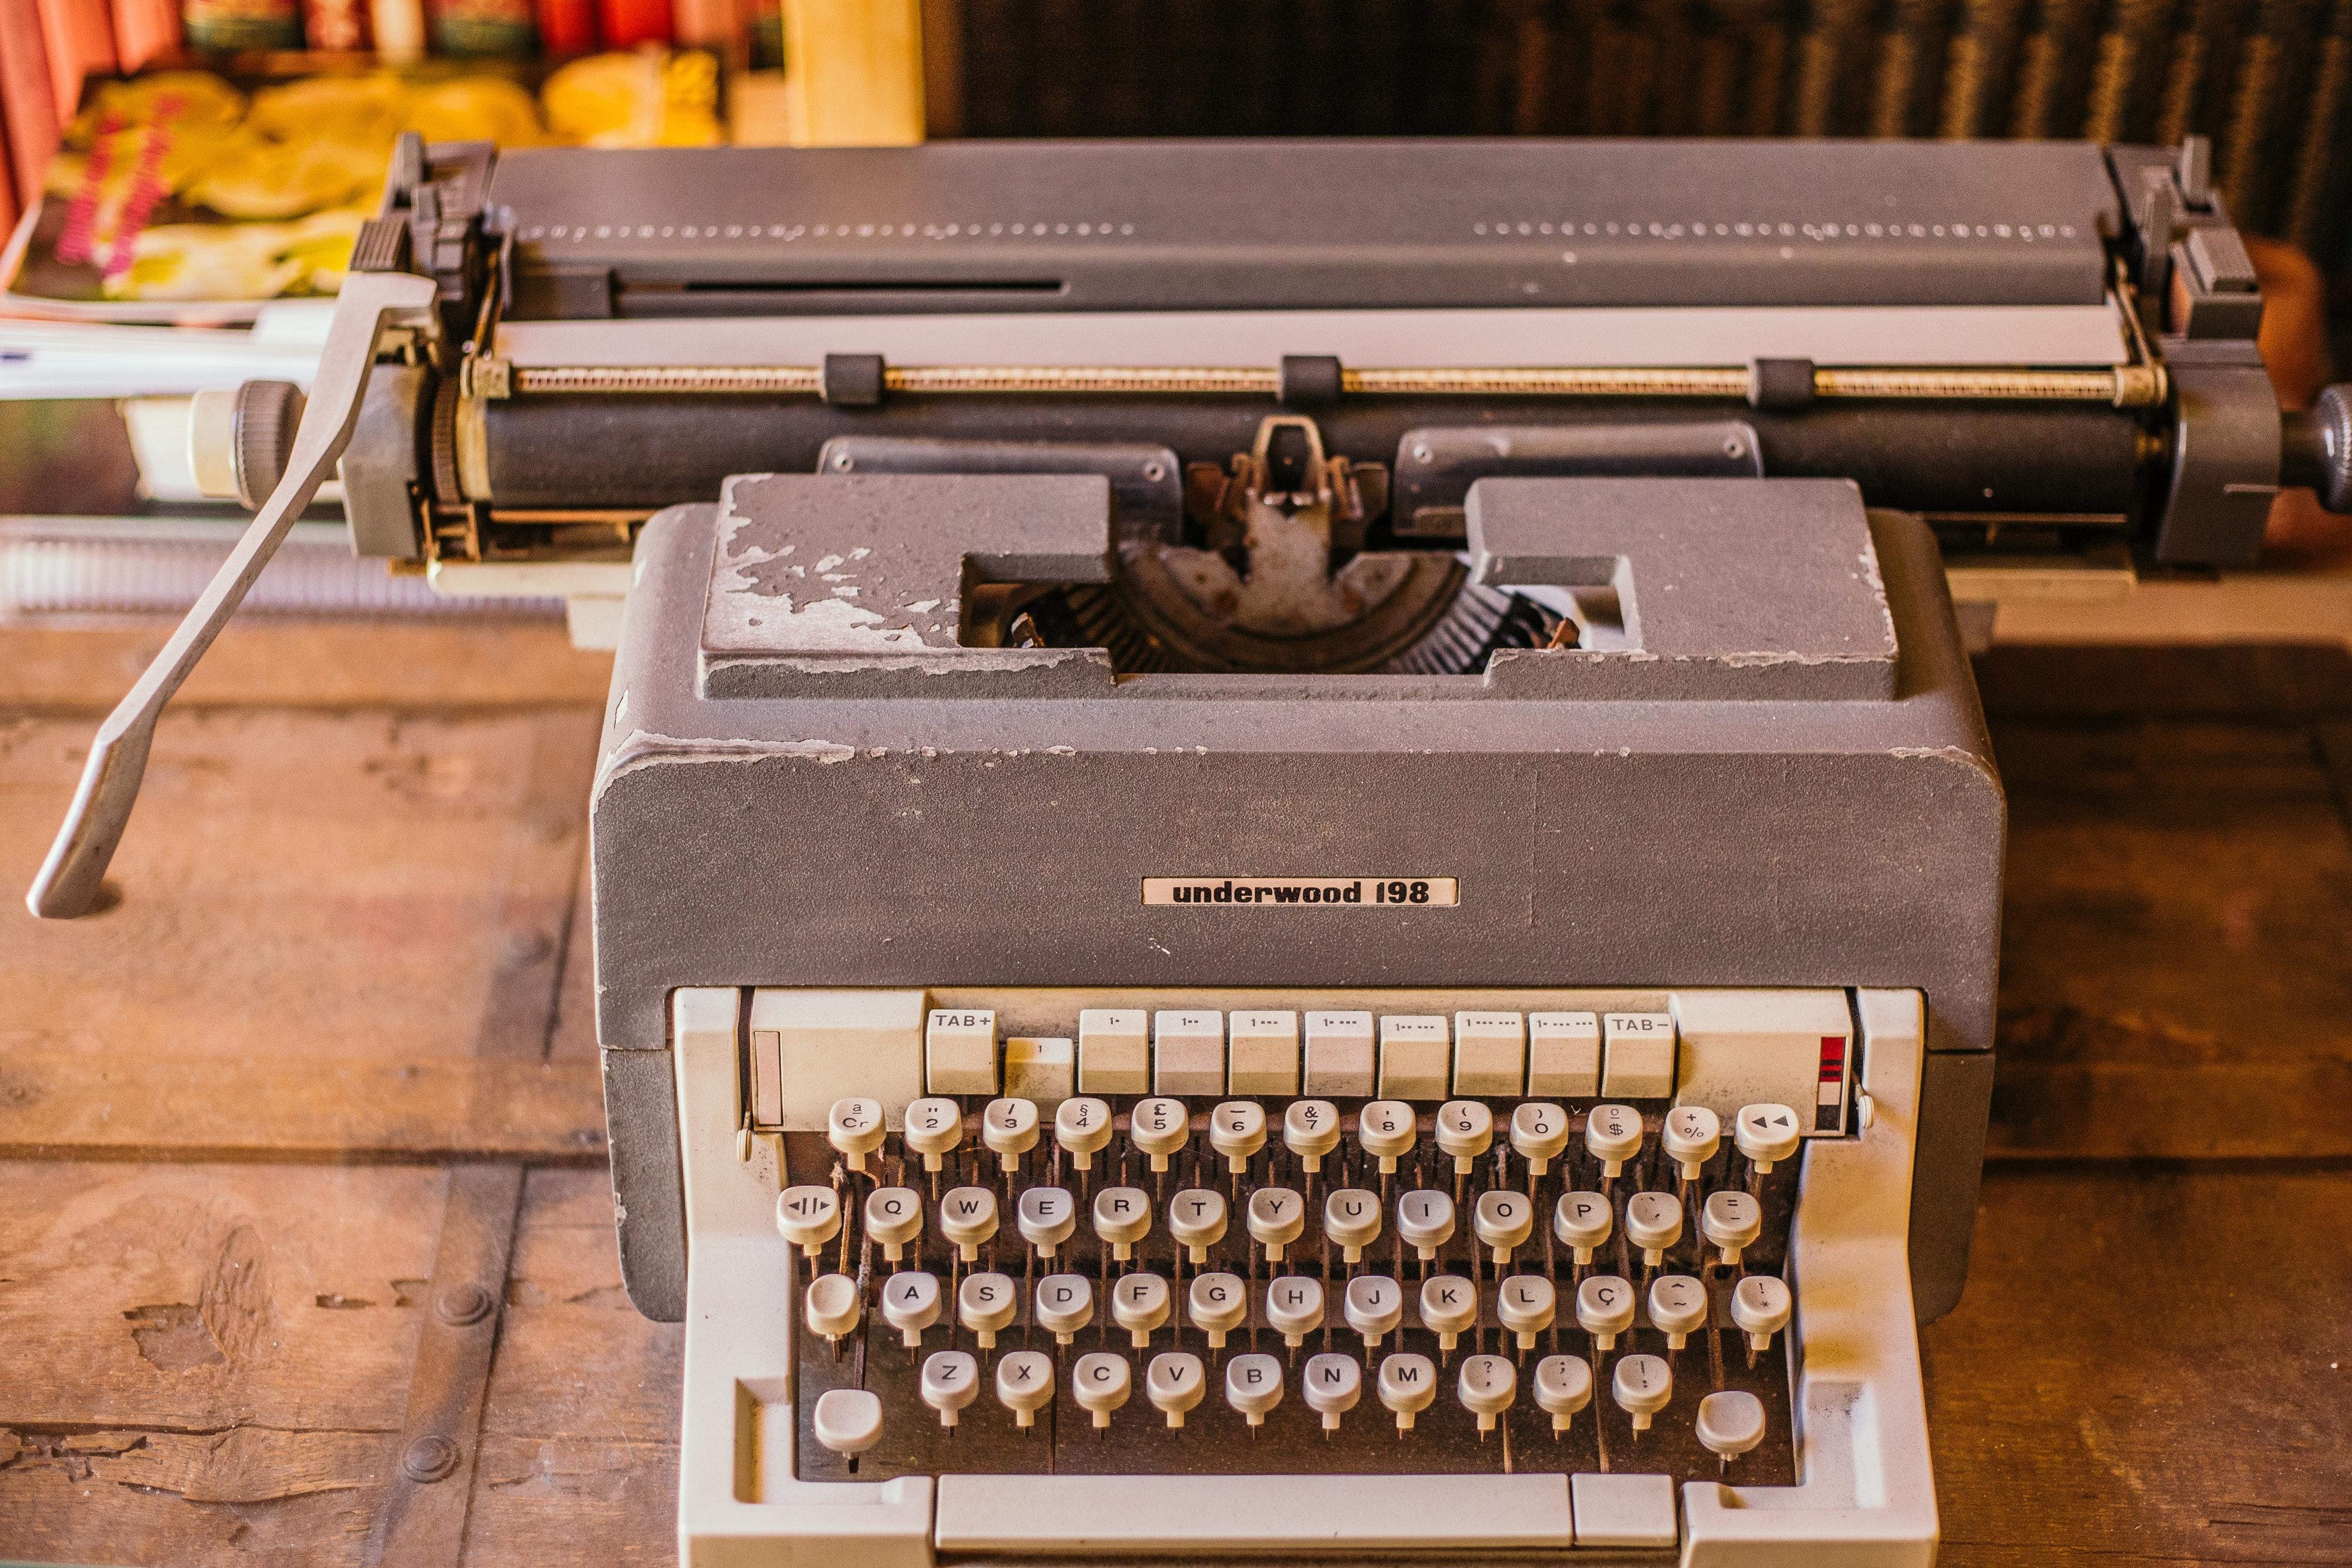 Free stock photo of typewriter, vintage typewriter